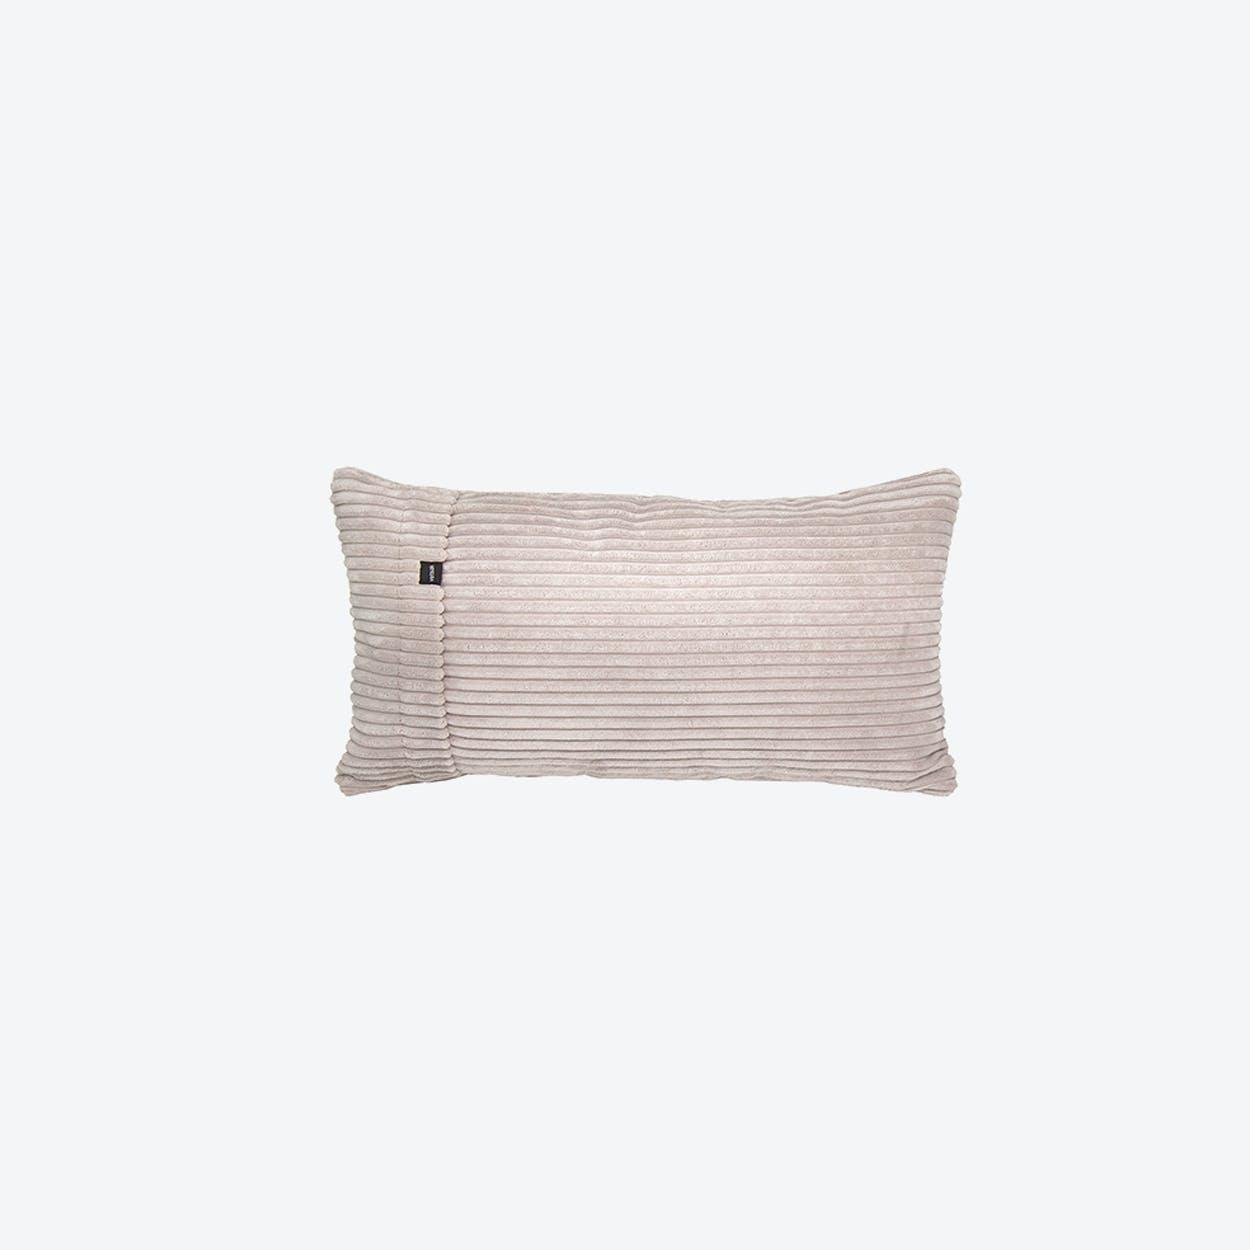 Pillow in Beige Corduroy